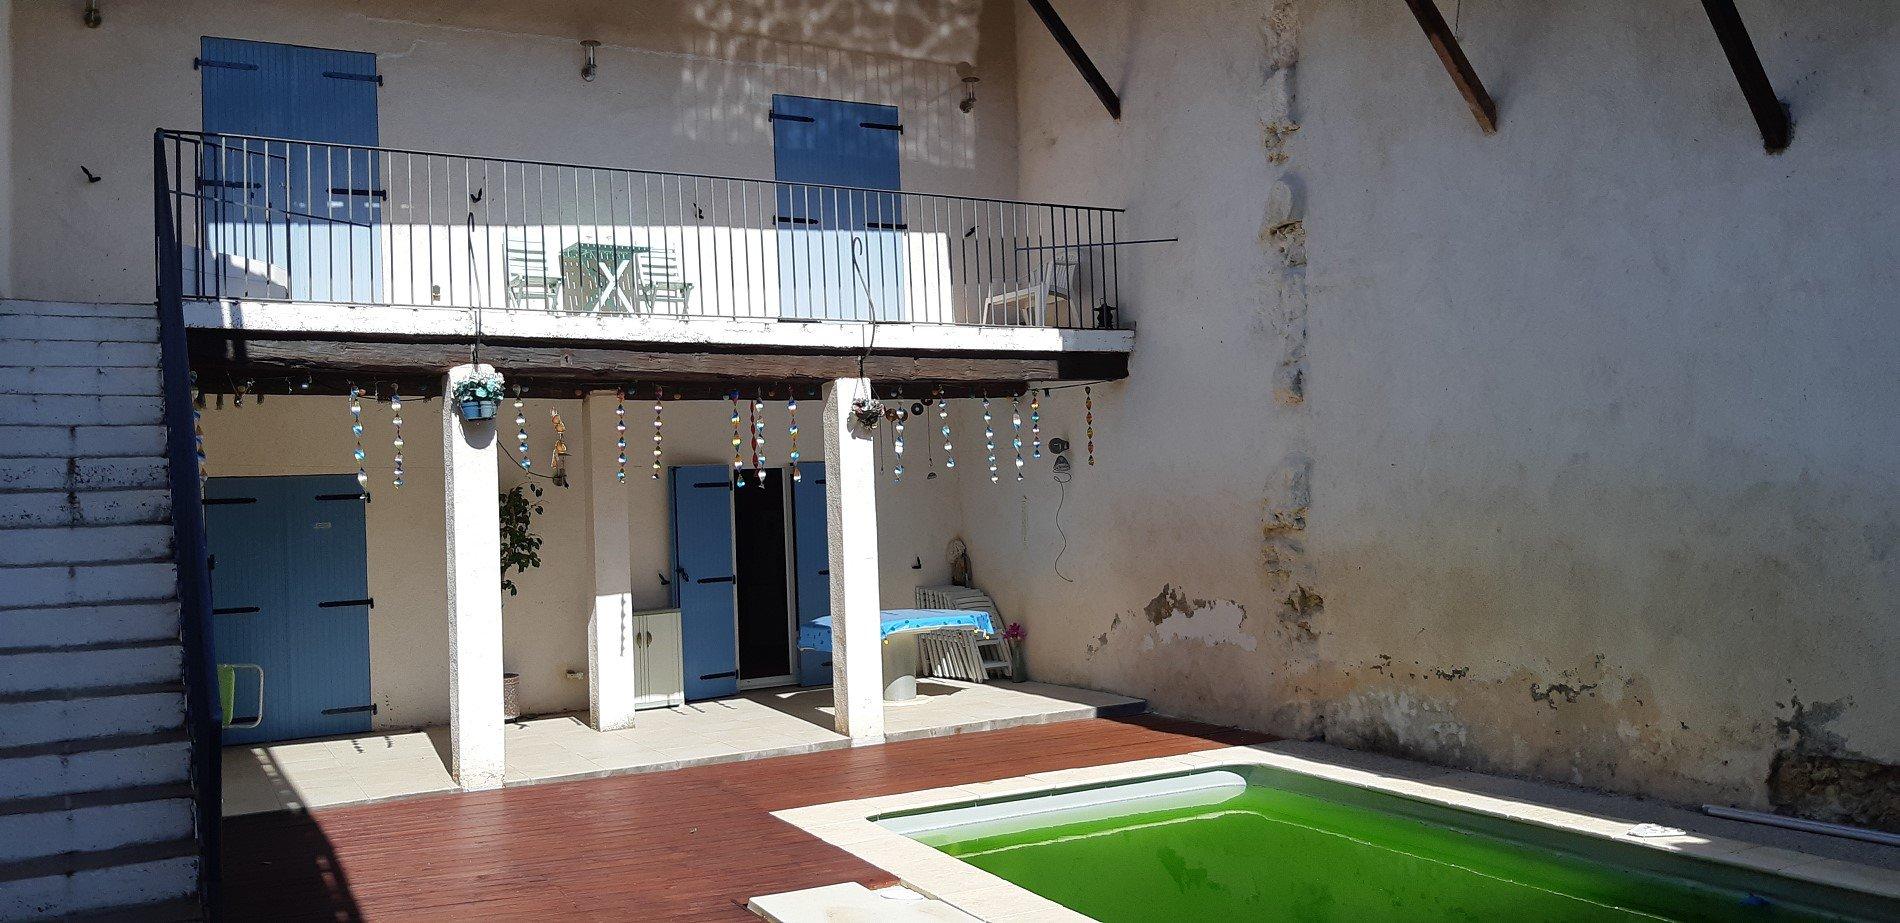 Vinbondehus med pool och innergård